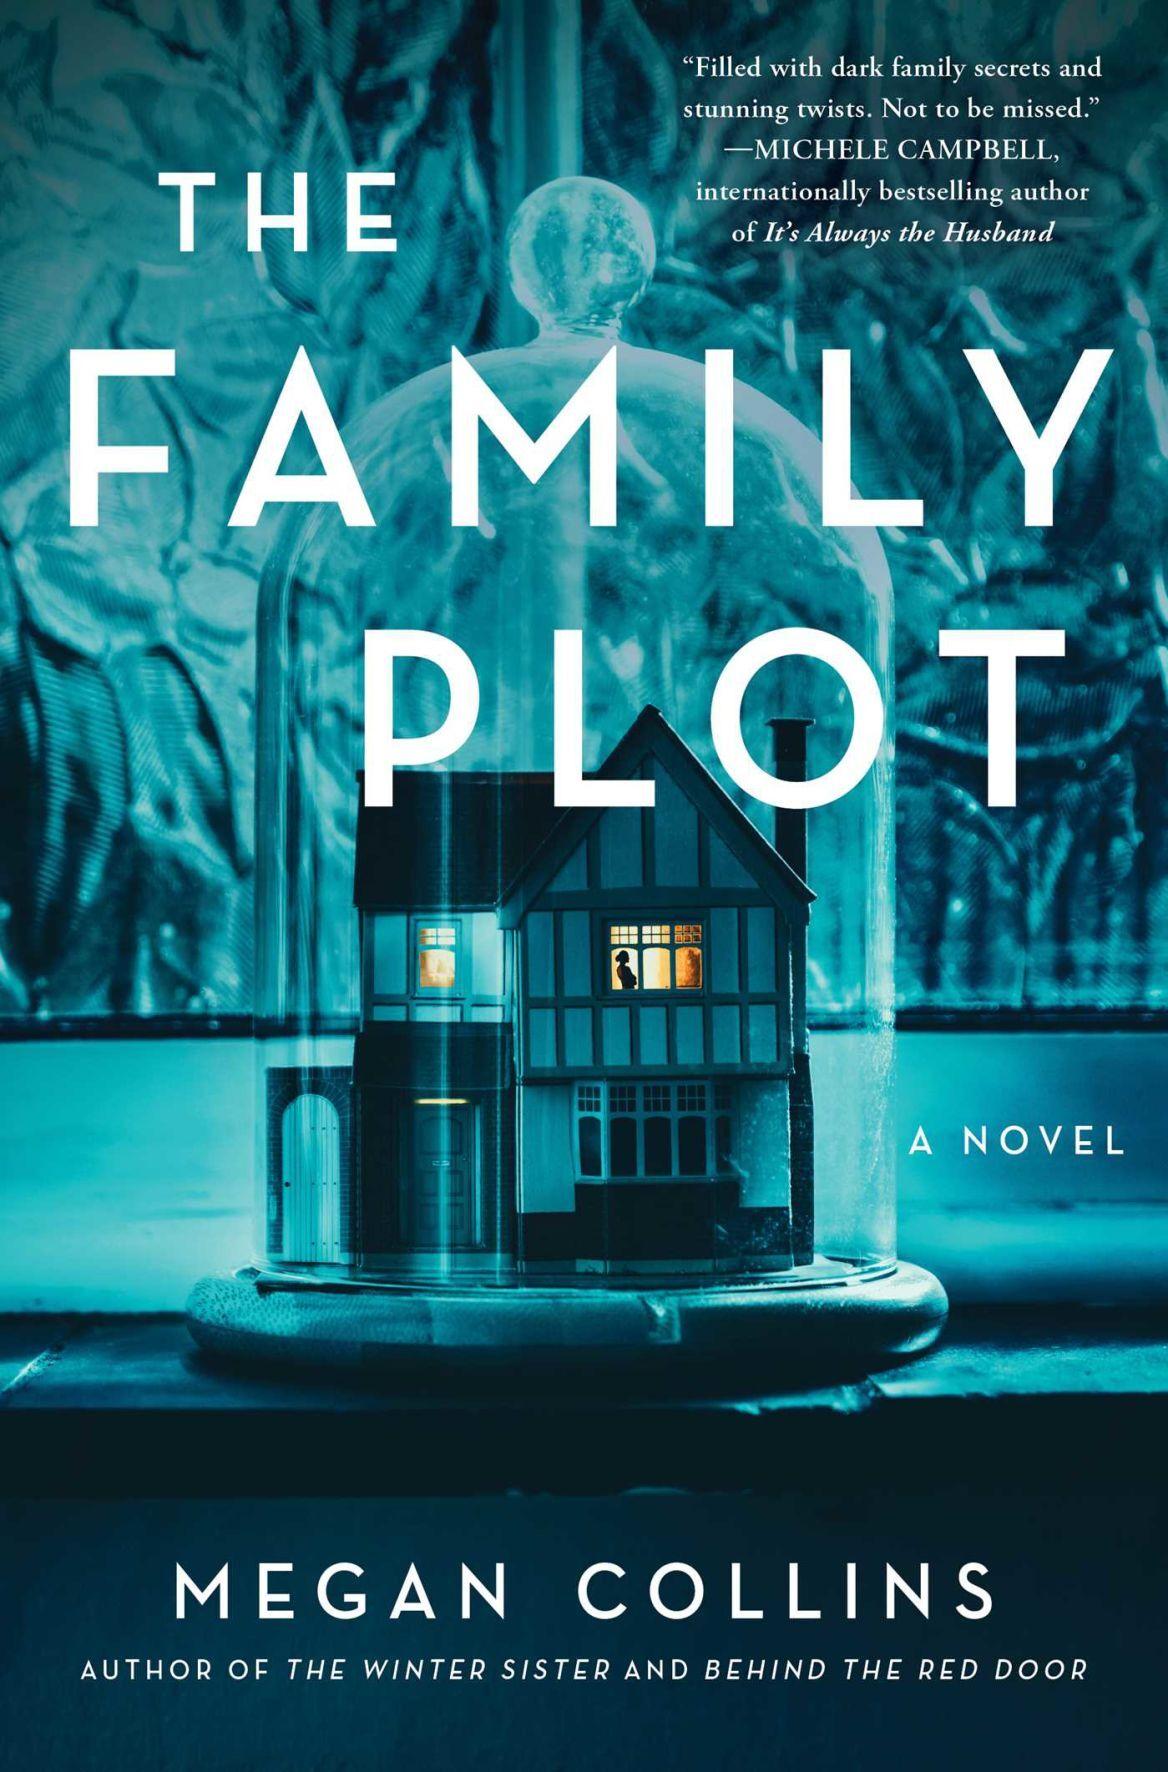 Family plot cover (1) .jpg